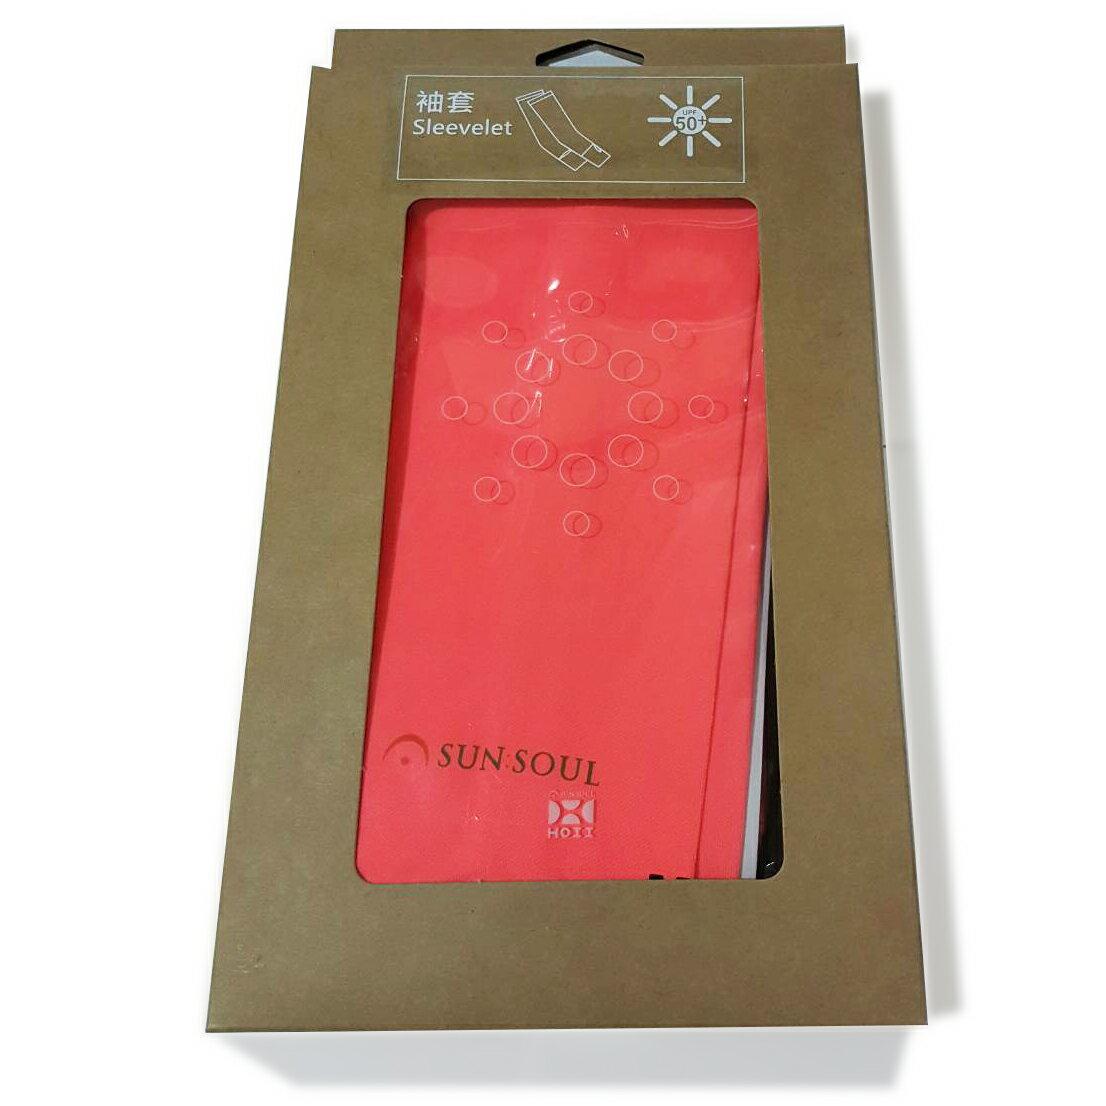 后益/HOII SUNSOUL 新光感/防曬光能布 UPF50+ 袖套/紅M號 公司貨中文標 PG美妝